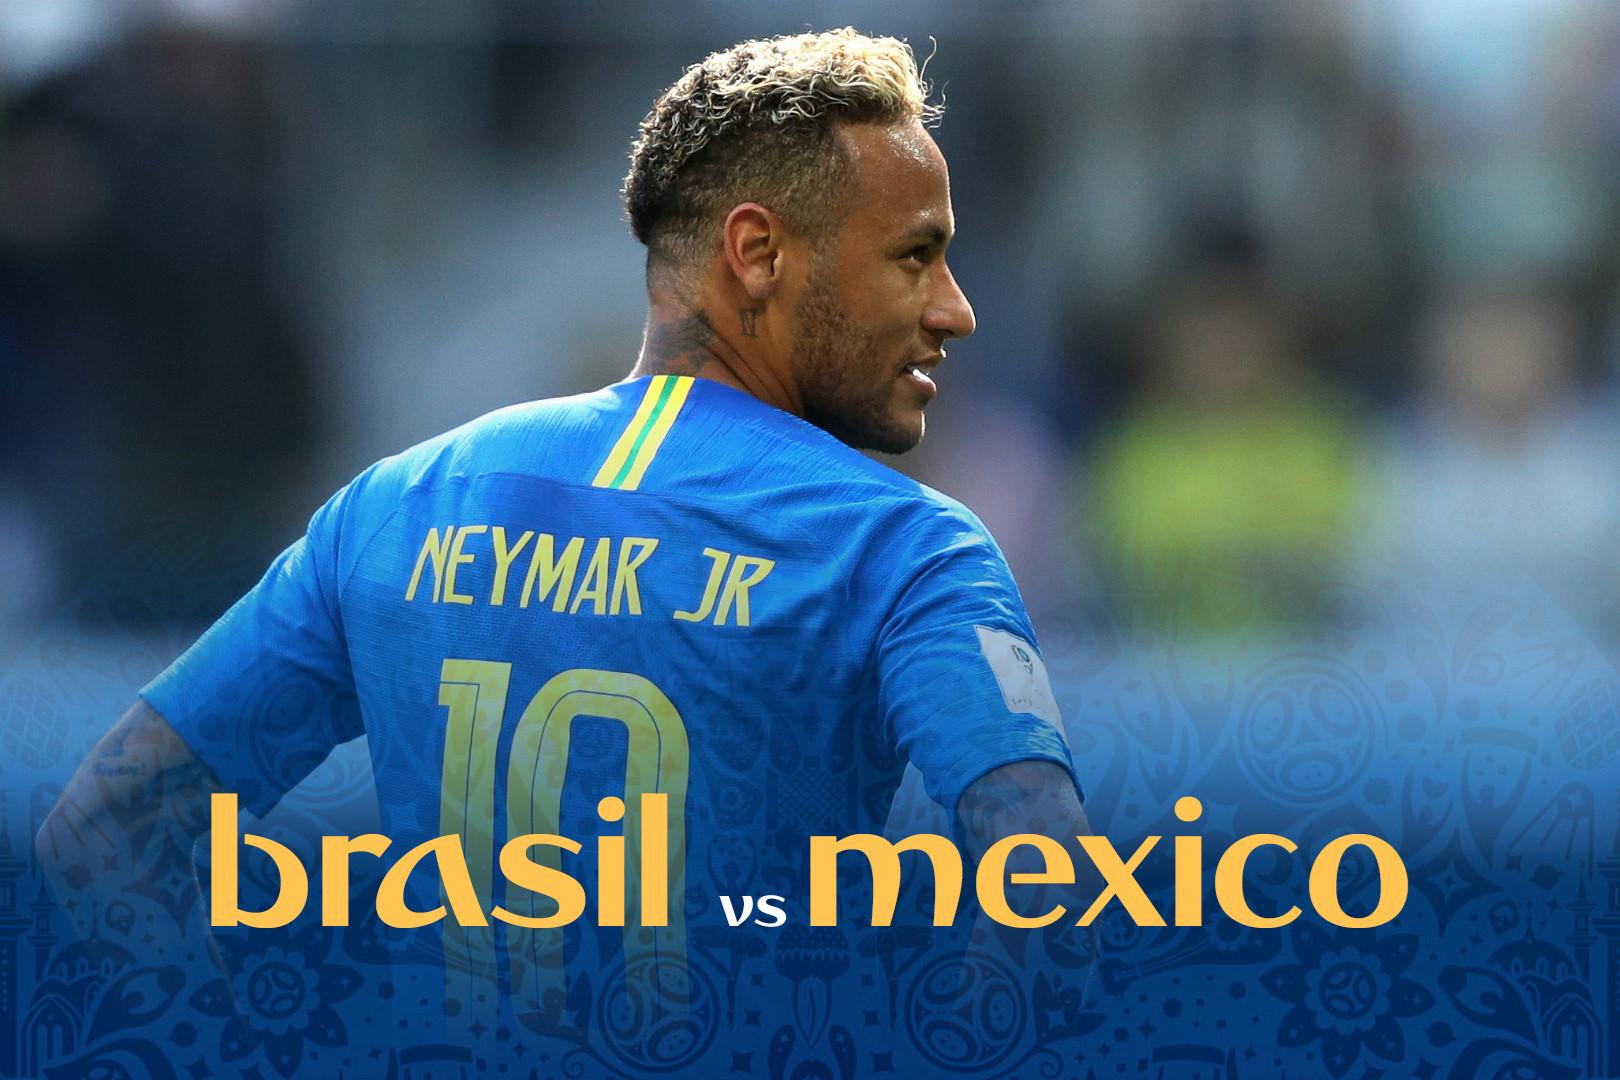 Những lý do để tin Neymar không theo chân Ronaldo, Messi về nước sớm